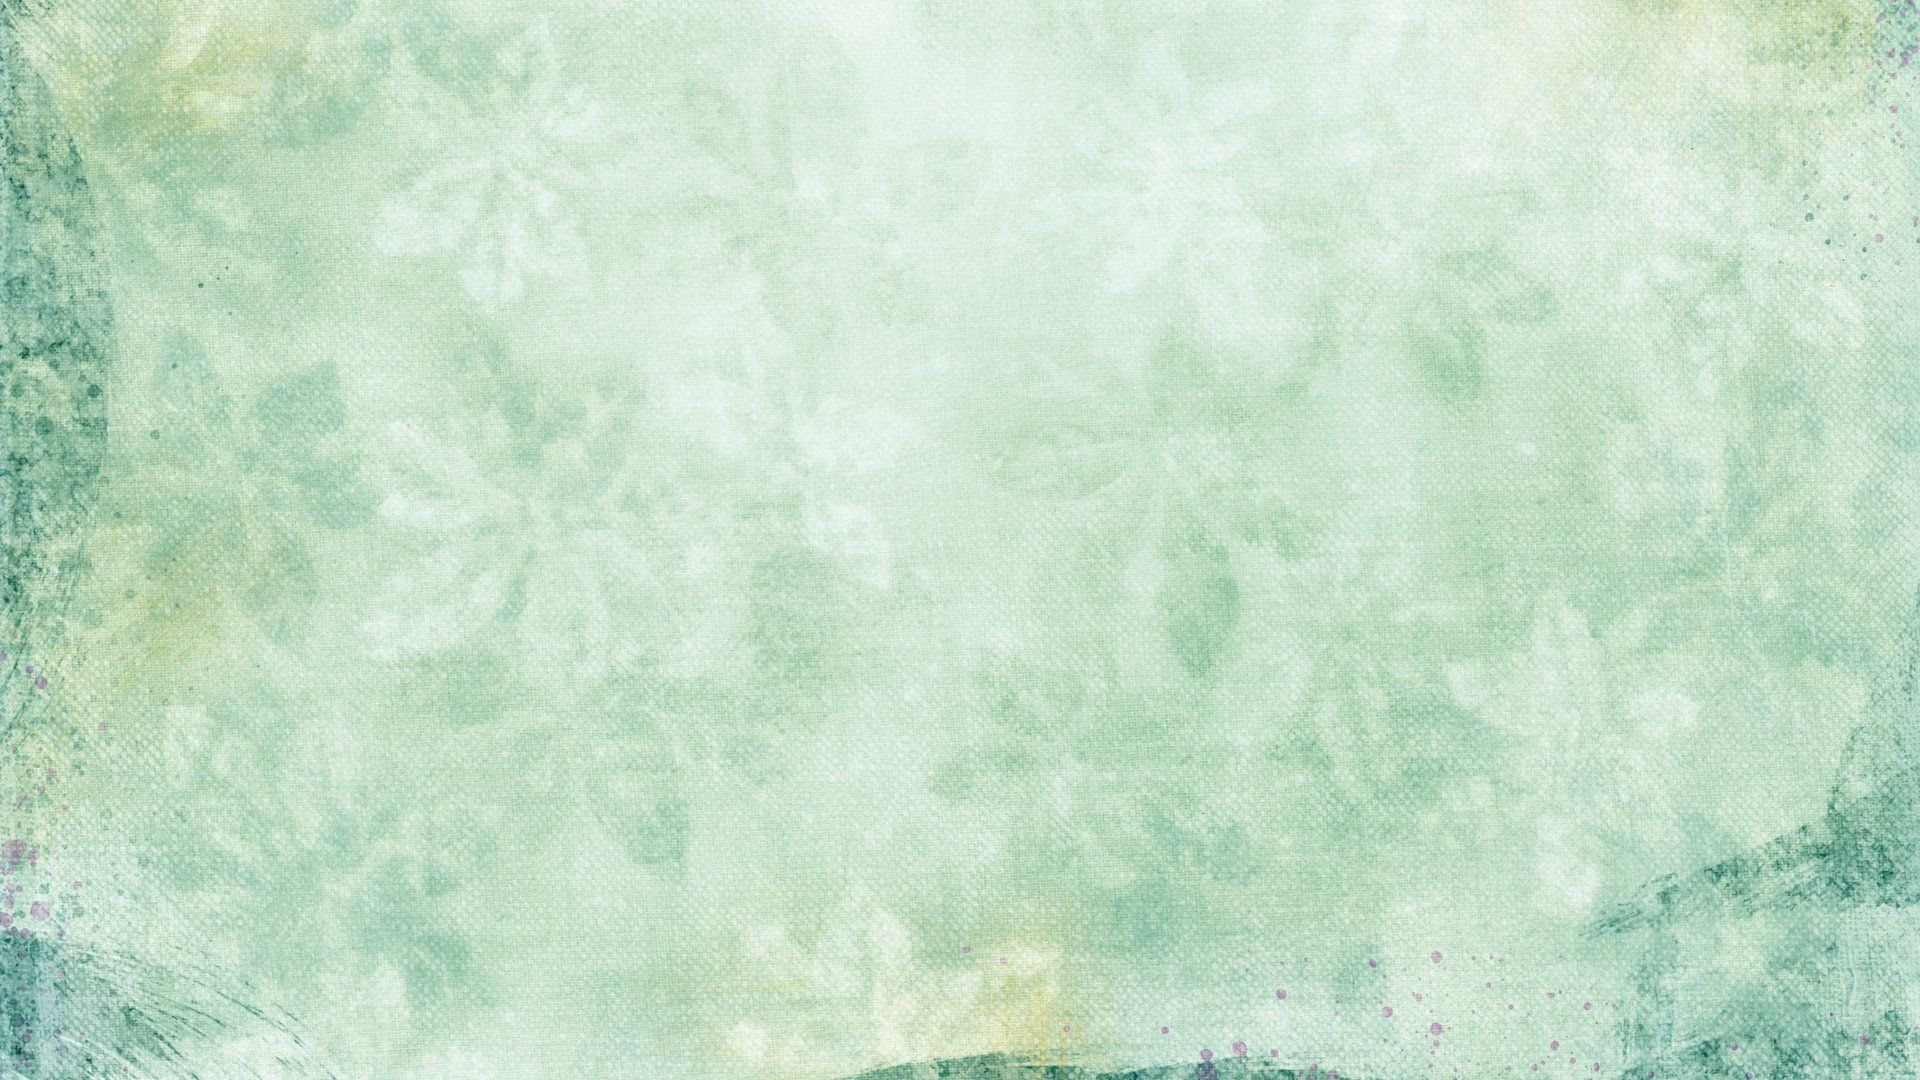 Mint Green screen wallpaper